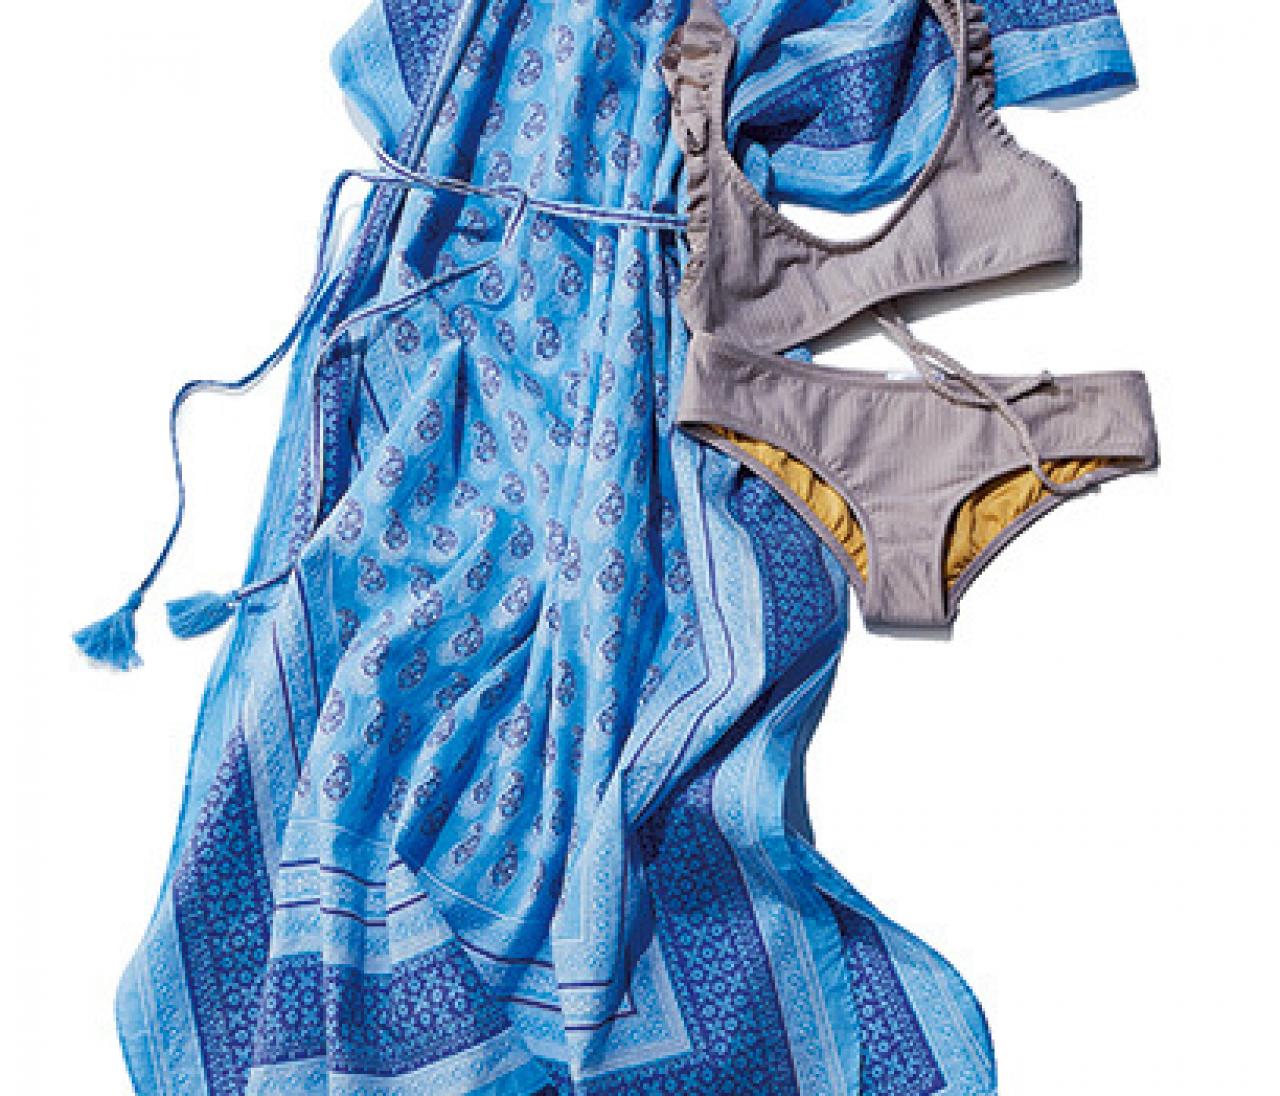 アラサーボディを120%美化する水着&ビーチ小物8選【今月のおしゃれニュース】